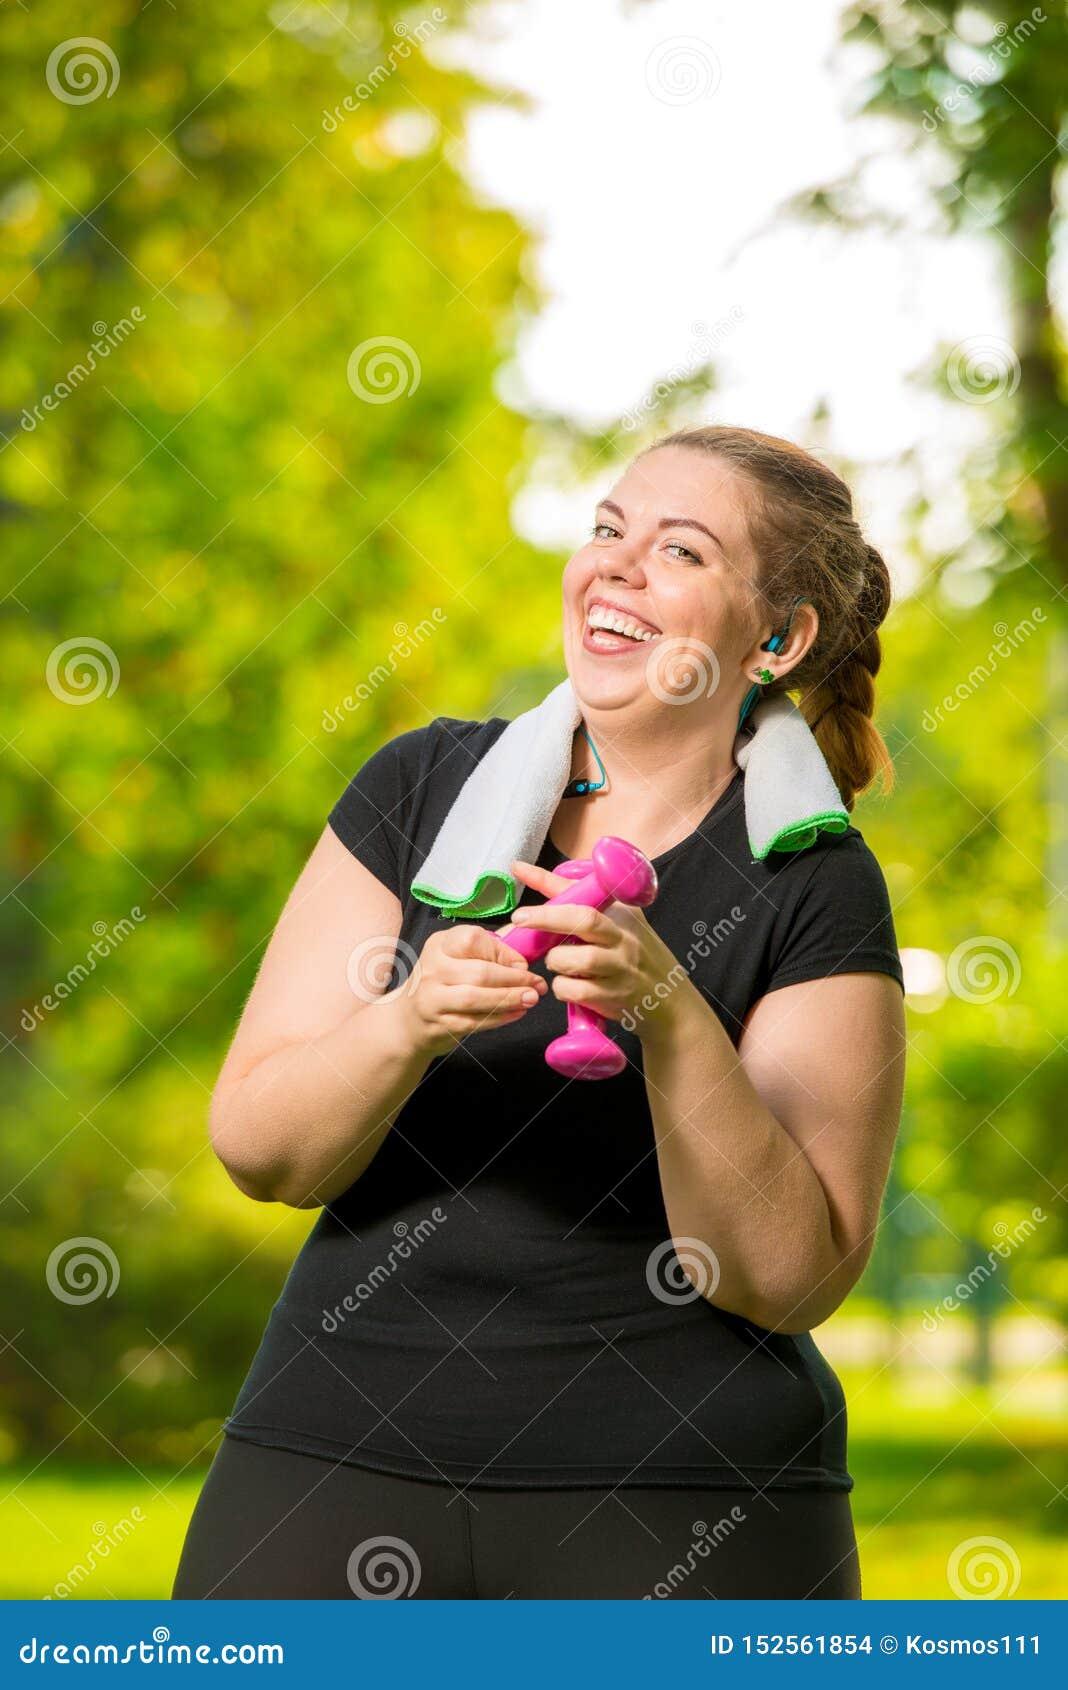 Mulher feliz 30 anos velha mais o tamanho sem negócios dos complexos com pesos durante um exercício